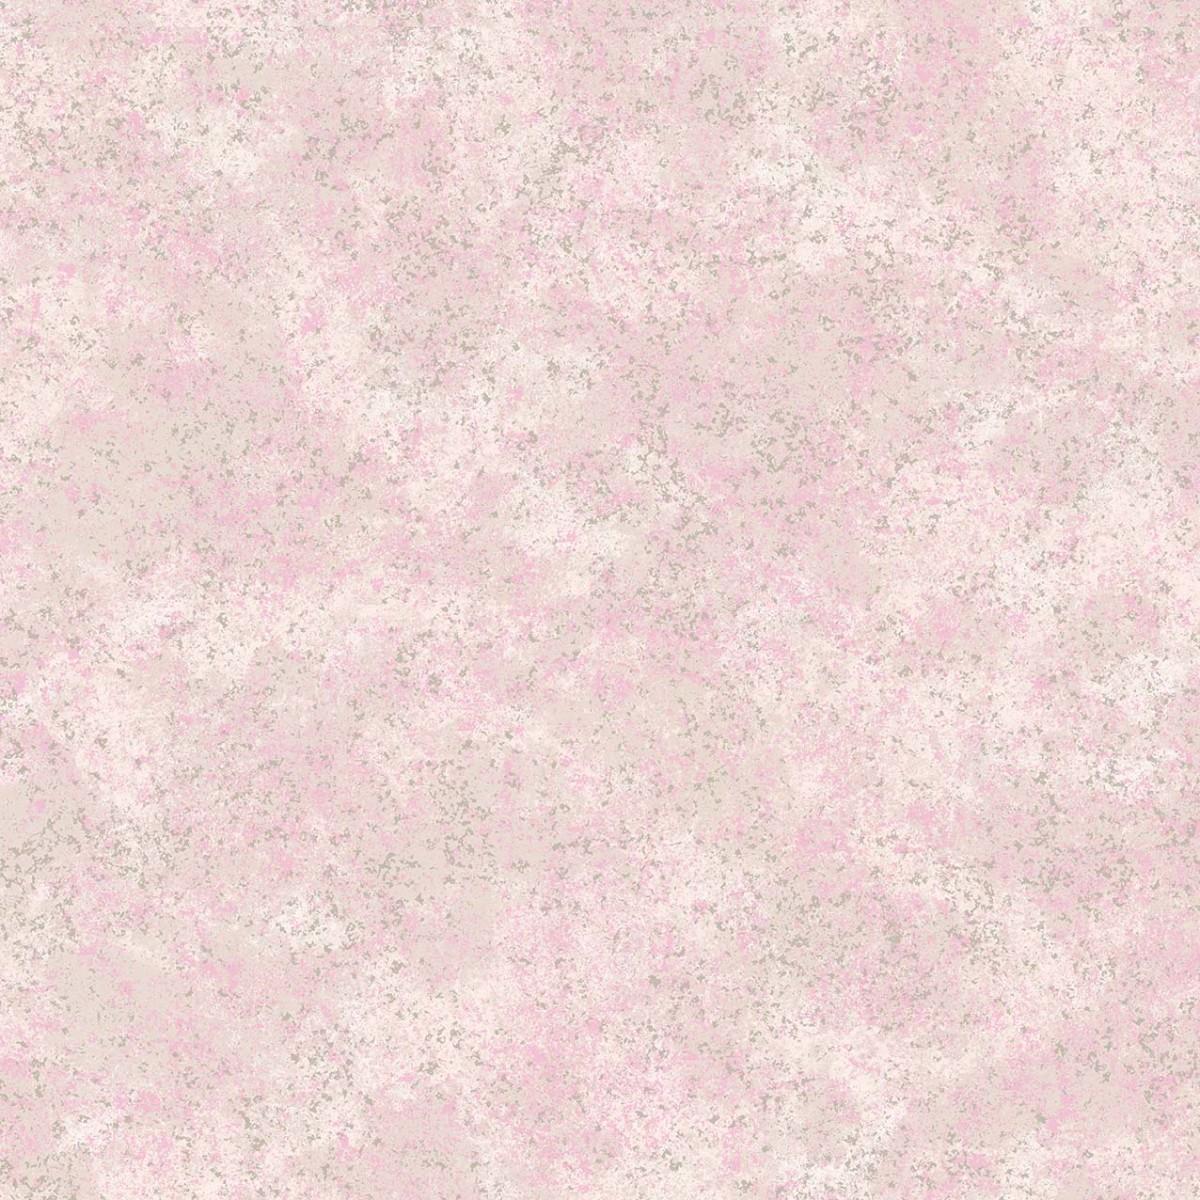 Обои виниловые Gaenari розовые 1.06 м 81166-2